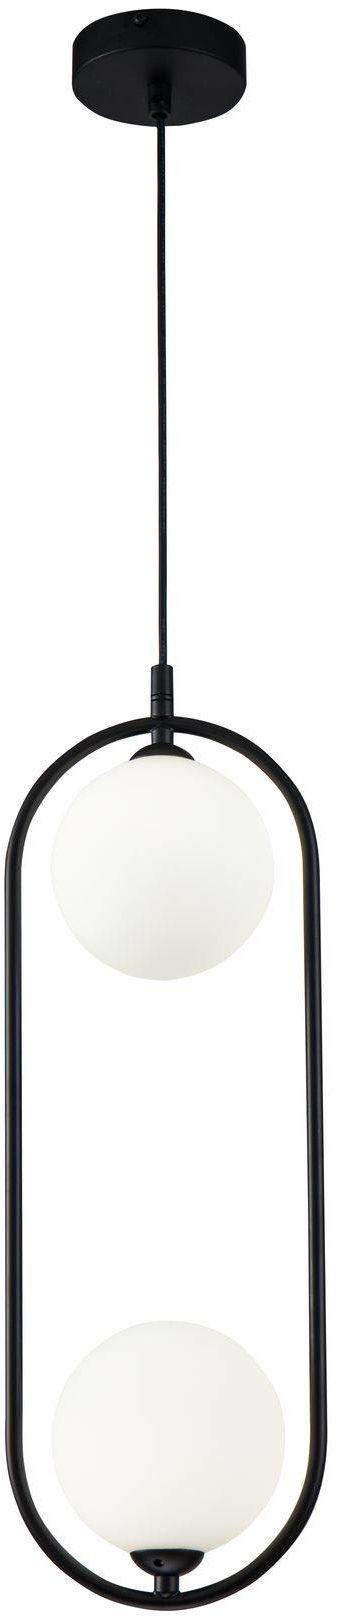 Lampa wisząca Ring MOD013PL-02B Maytoni dekoracyjna oprawa w kolorze czarnym